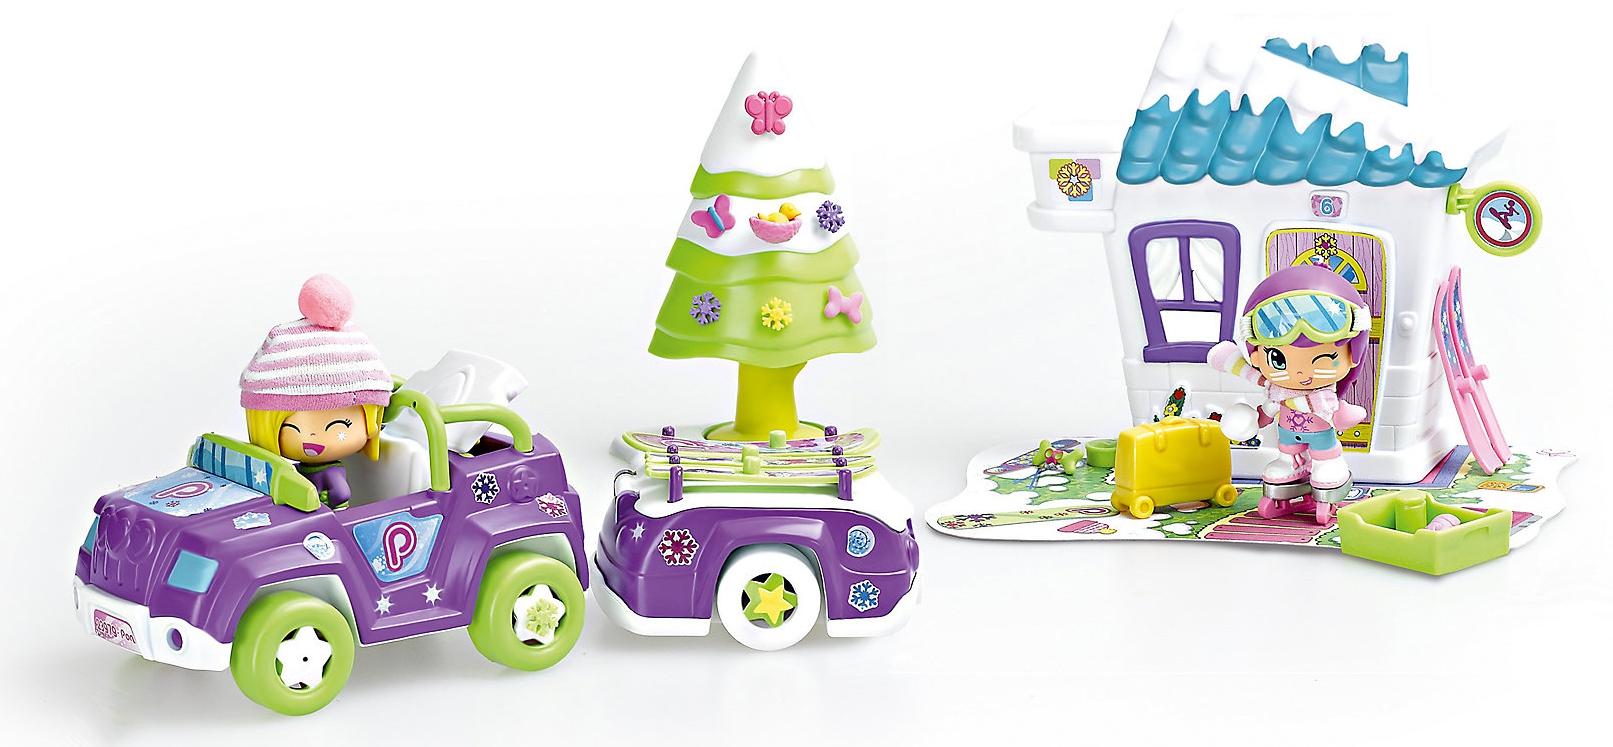 Игровой набор Famosa Пинипон - Зимний домик с машинкой игровой набор dave toy аэропорт с 1 машинкой